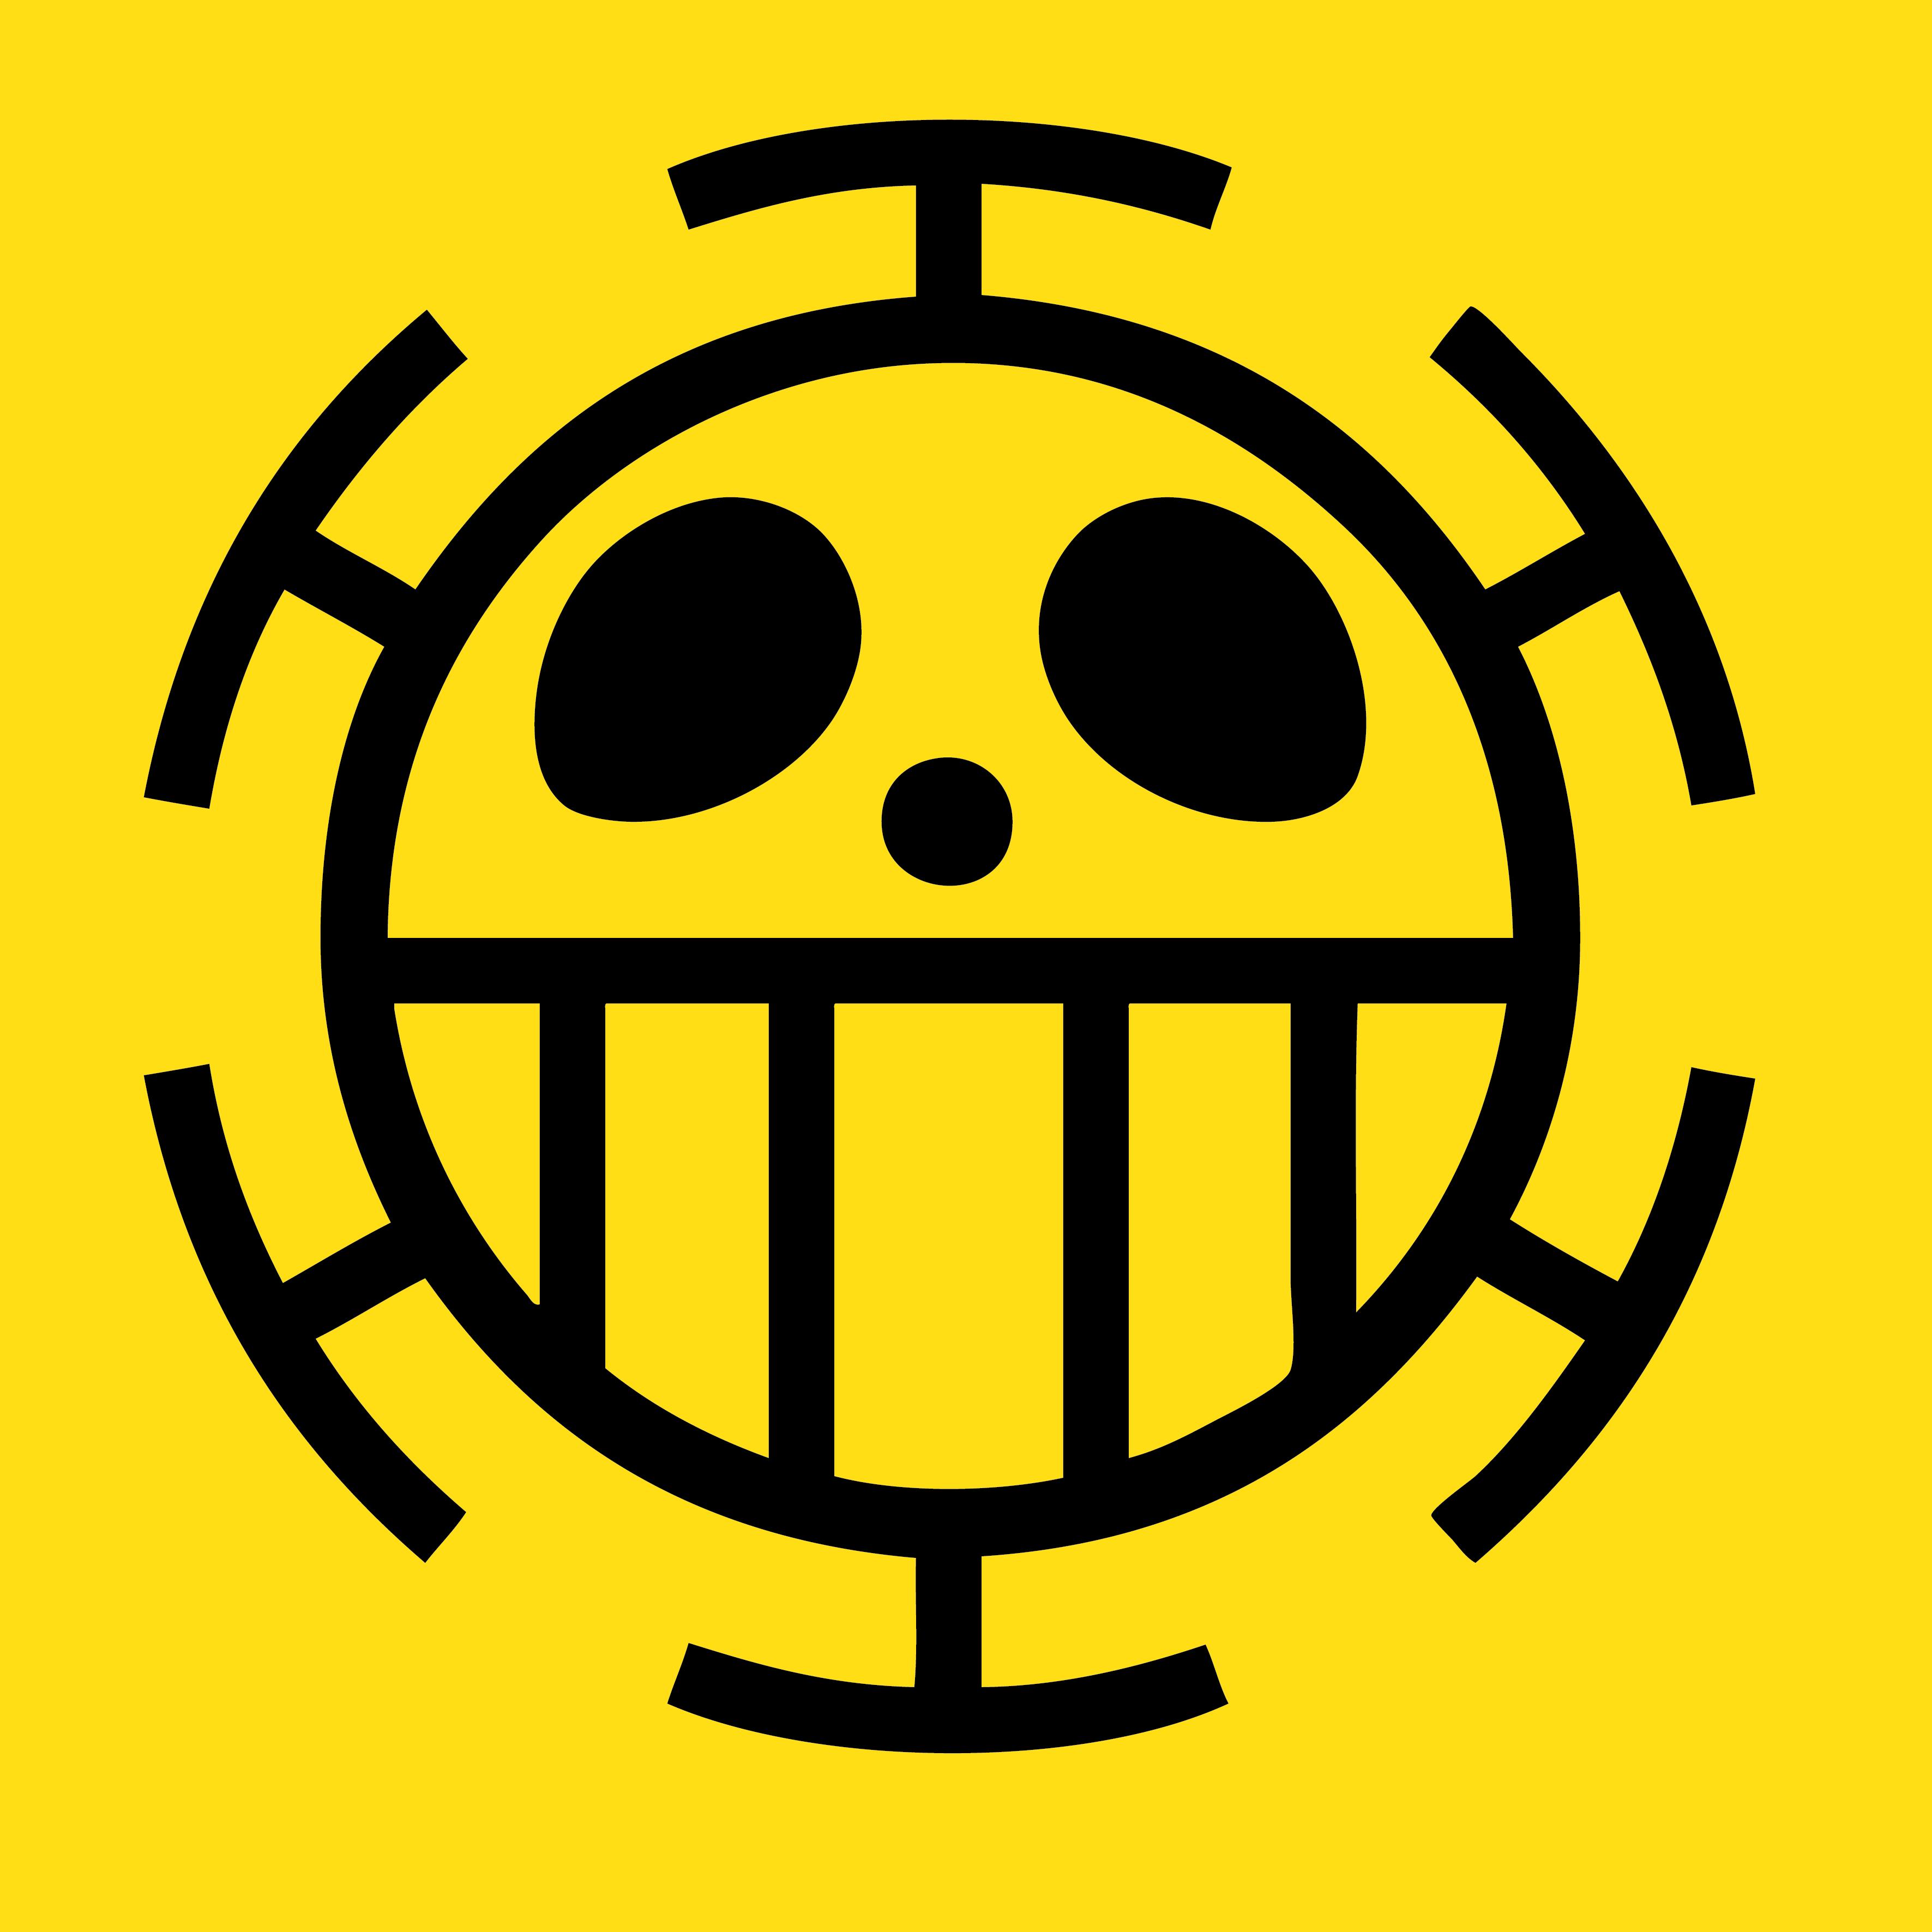 One Piece Trafalgar Law Flag Emblem by elsid37 on DeviantArt